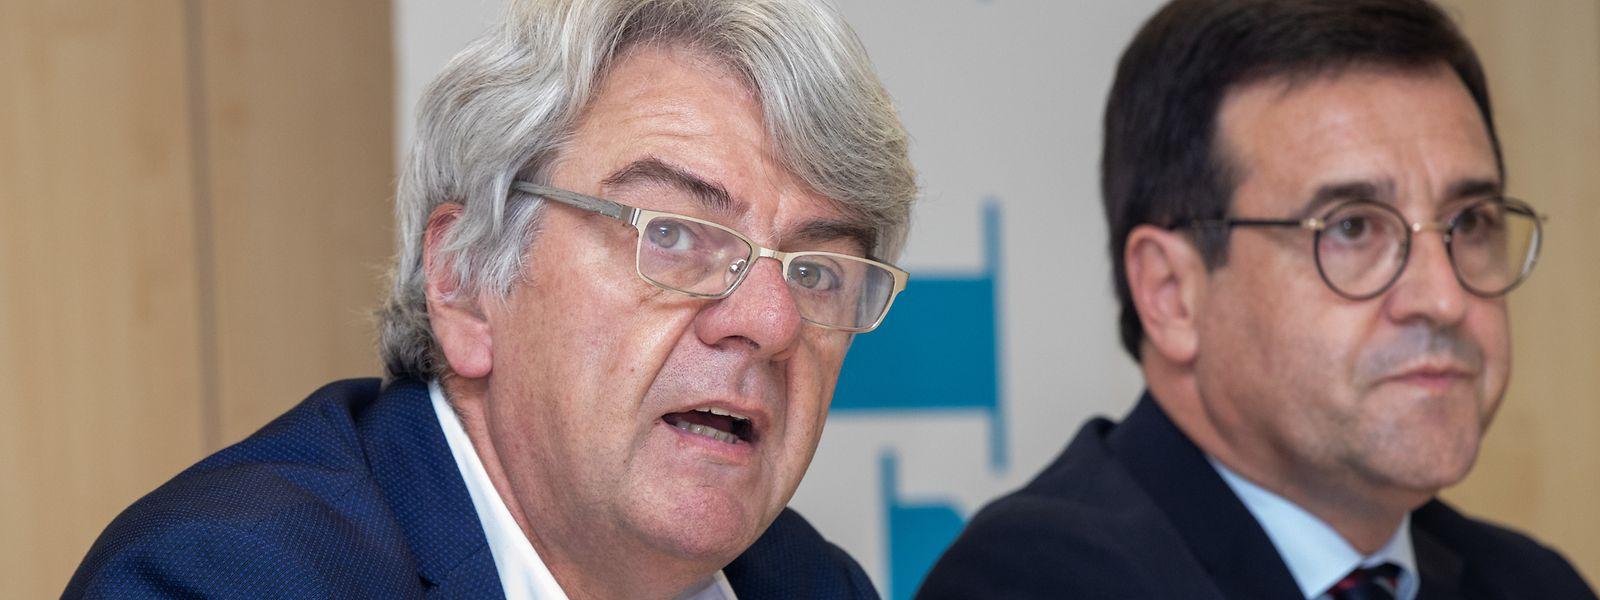 Pour Romain Wolff , président de la CGFP, l'approche mise en place par le gouvernement est jugée comme «choquante».